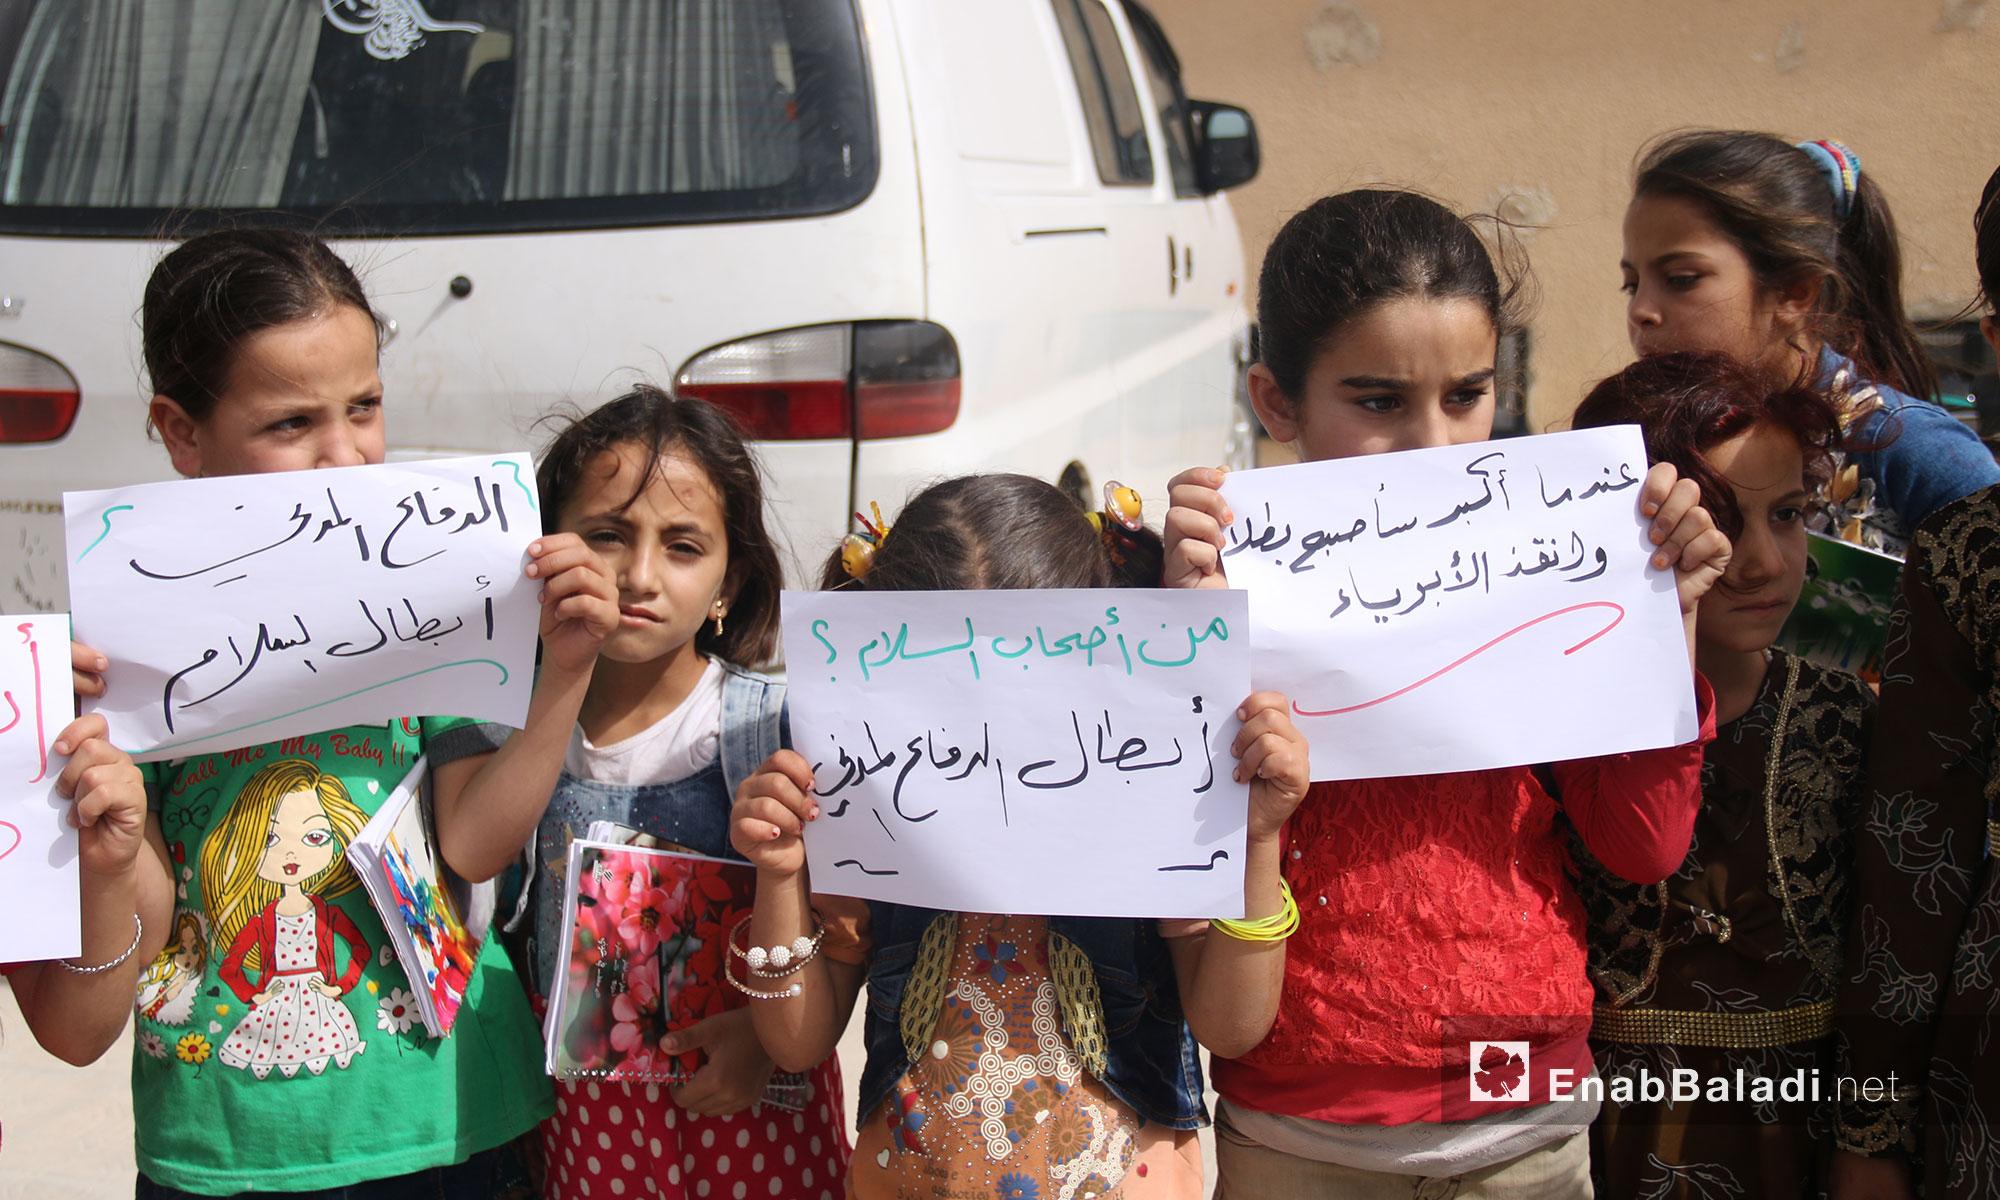 طلاب مدرسة براعم المستقبل في وقفة تضامنية لأجل الدفاع المدني السوري في ريف إدلب - 25 تموز 2018 (عنب بلدي)